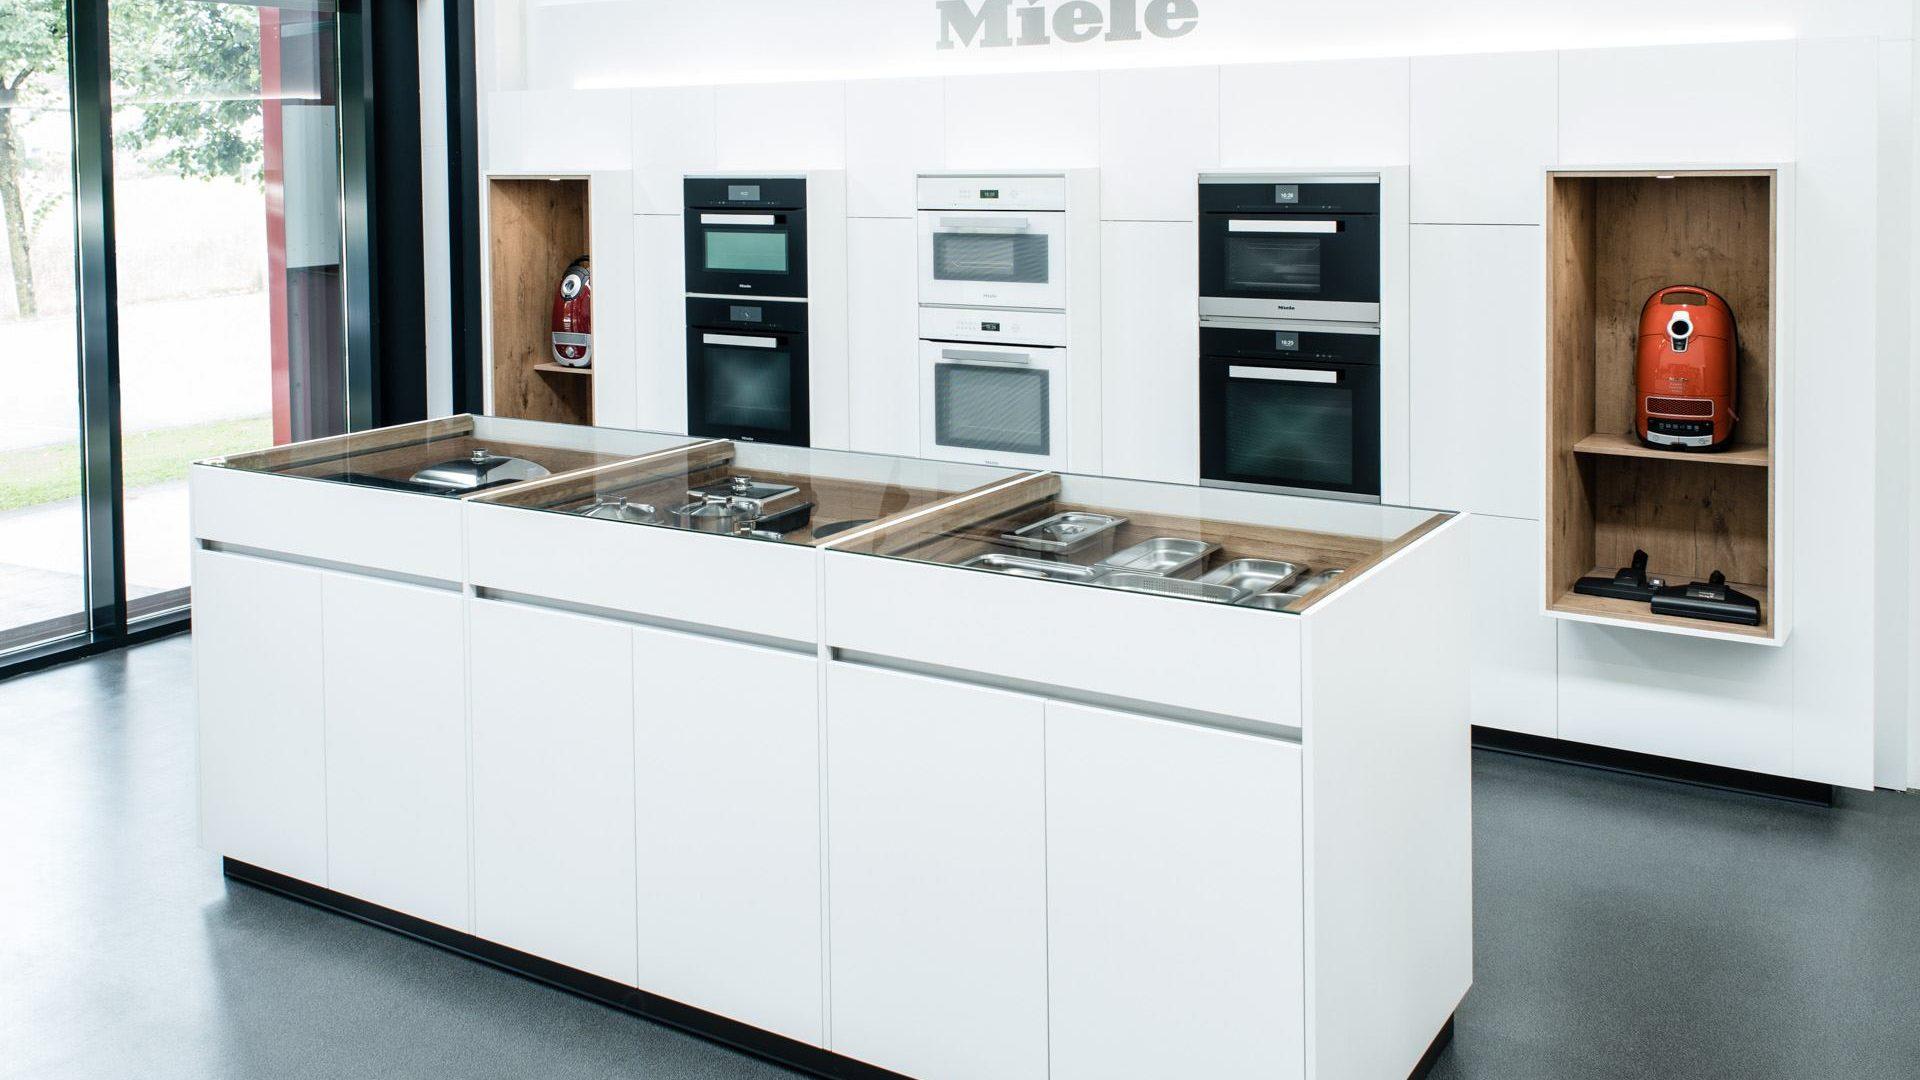 Miele Geräte für den Haushalt im Miele Center Markant in Dornbirn